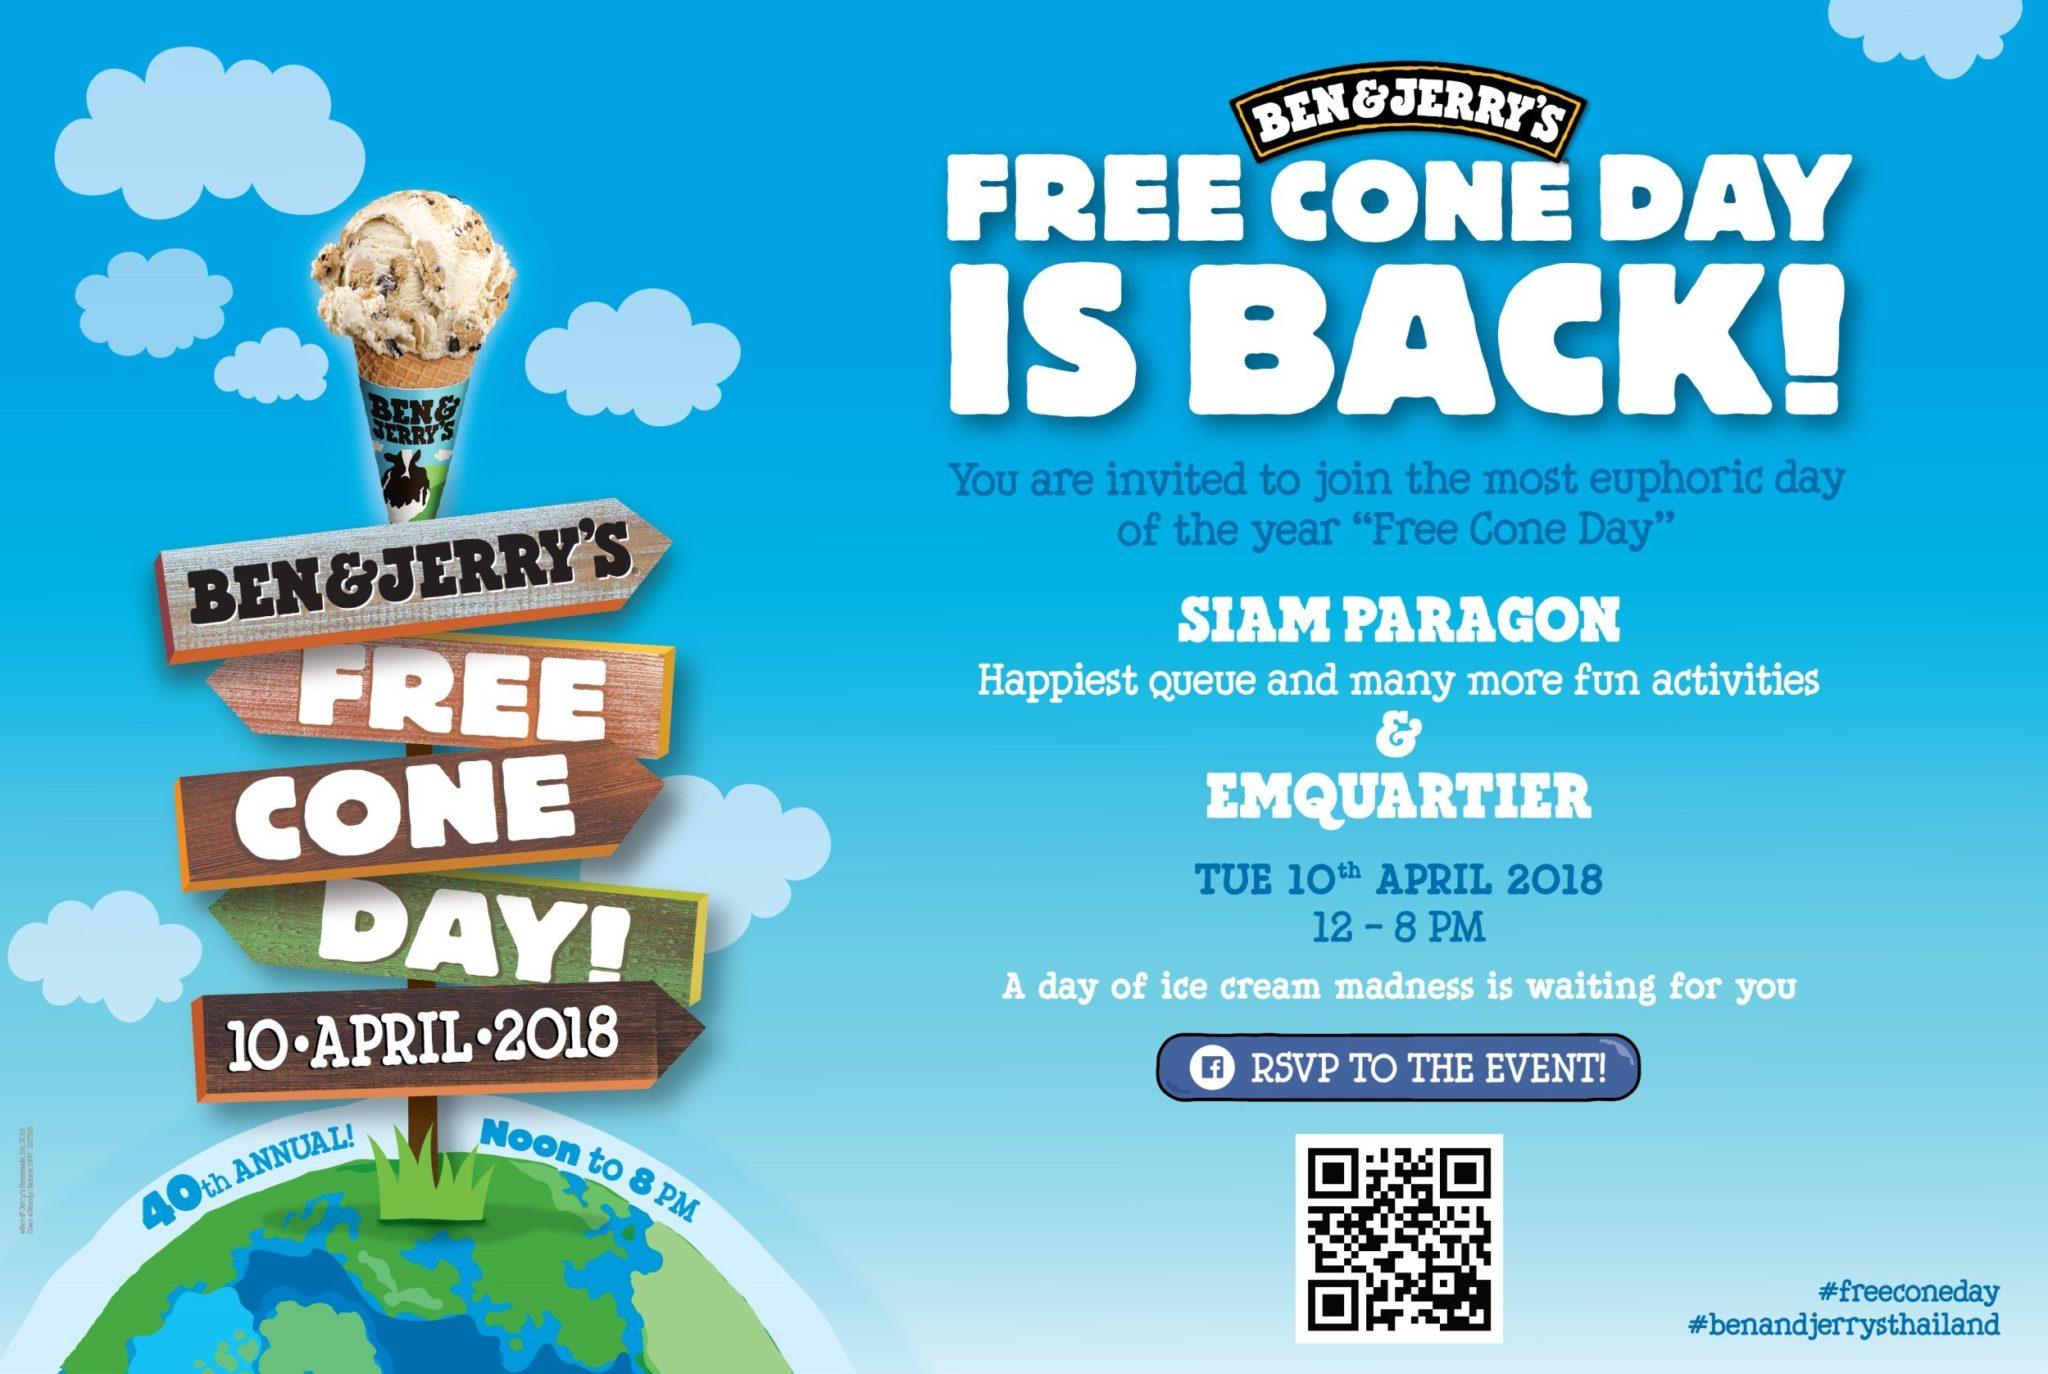 """Ben & Jerry's ขอจองคิว 10 เมษายนนี้ ทานไอศกรีมฟรี พร้อมการต่อคิวที่สนุกที่สุด! ในงาน """"Free Cone Day 2018"""" 2 -"""